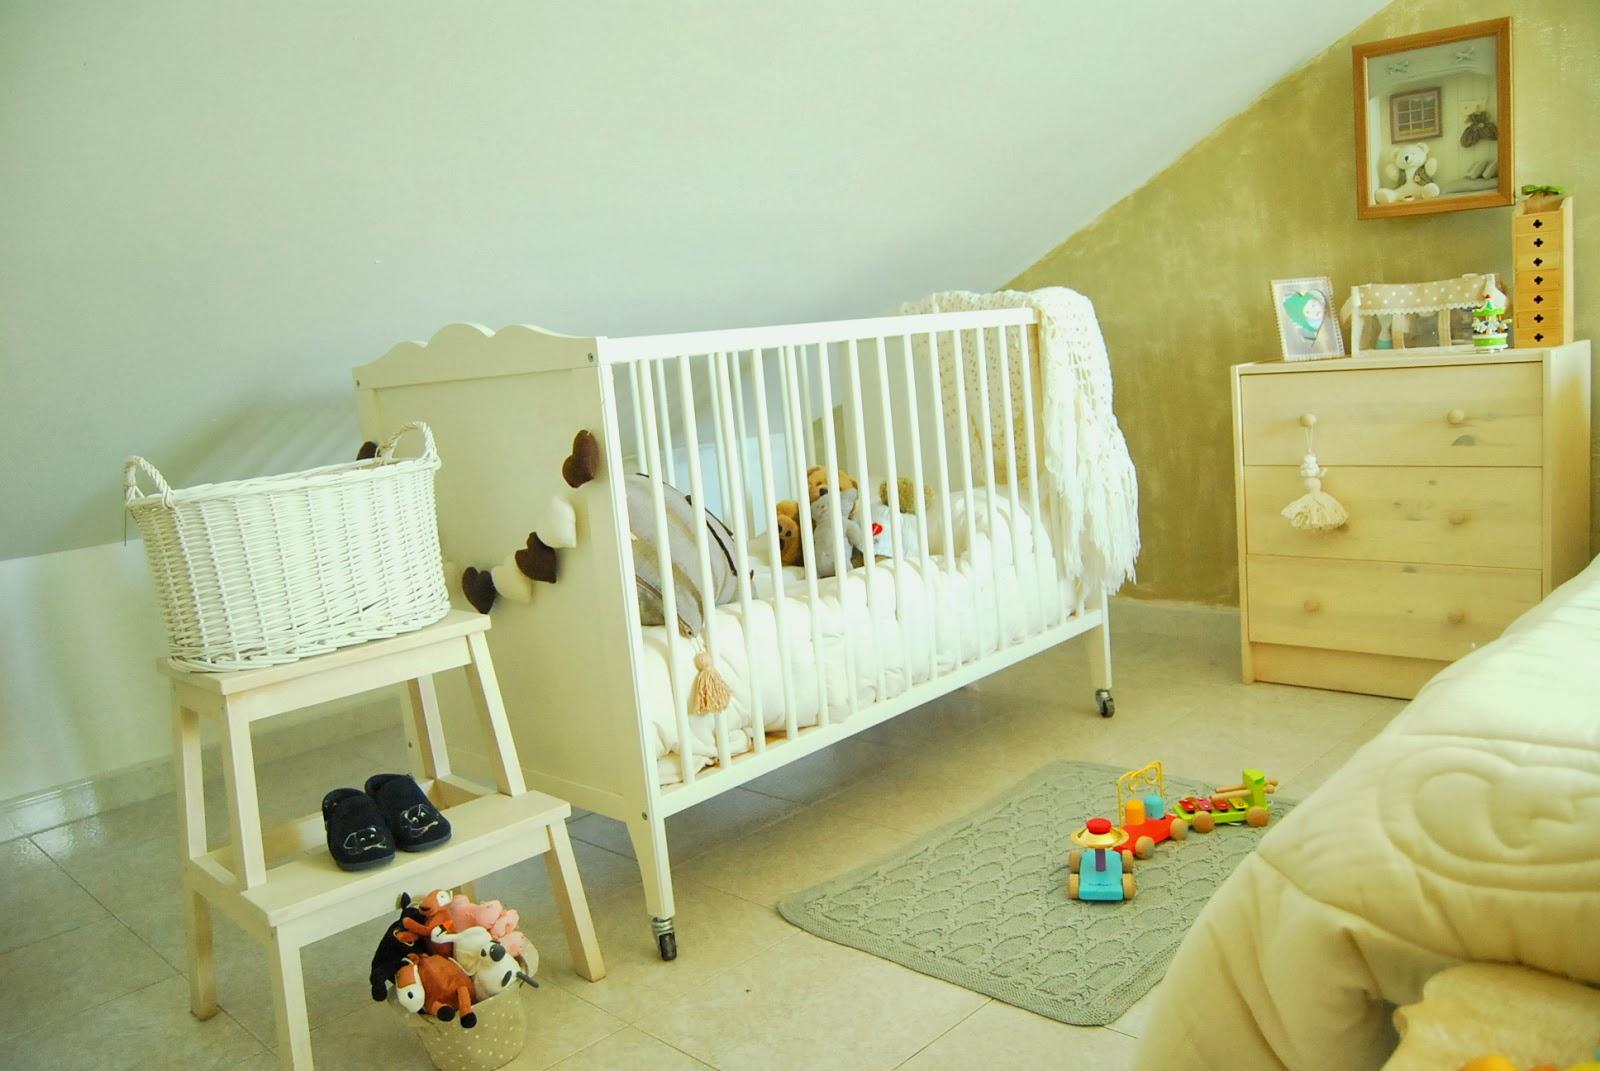 Io contemporanea retr la cameretta di samuel - Cameretta neonato ikea ...